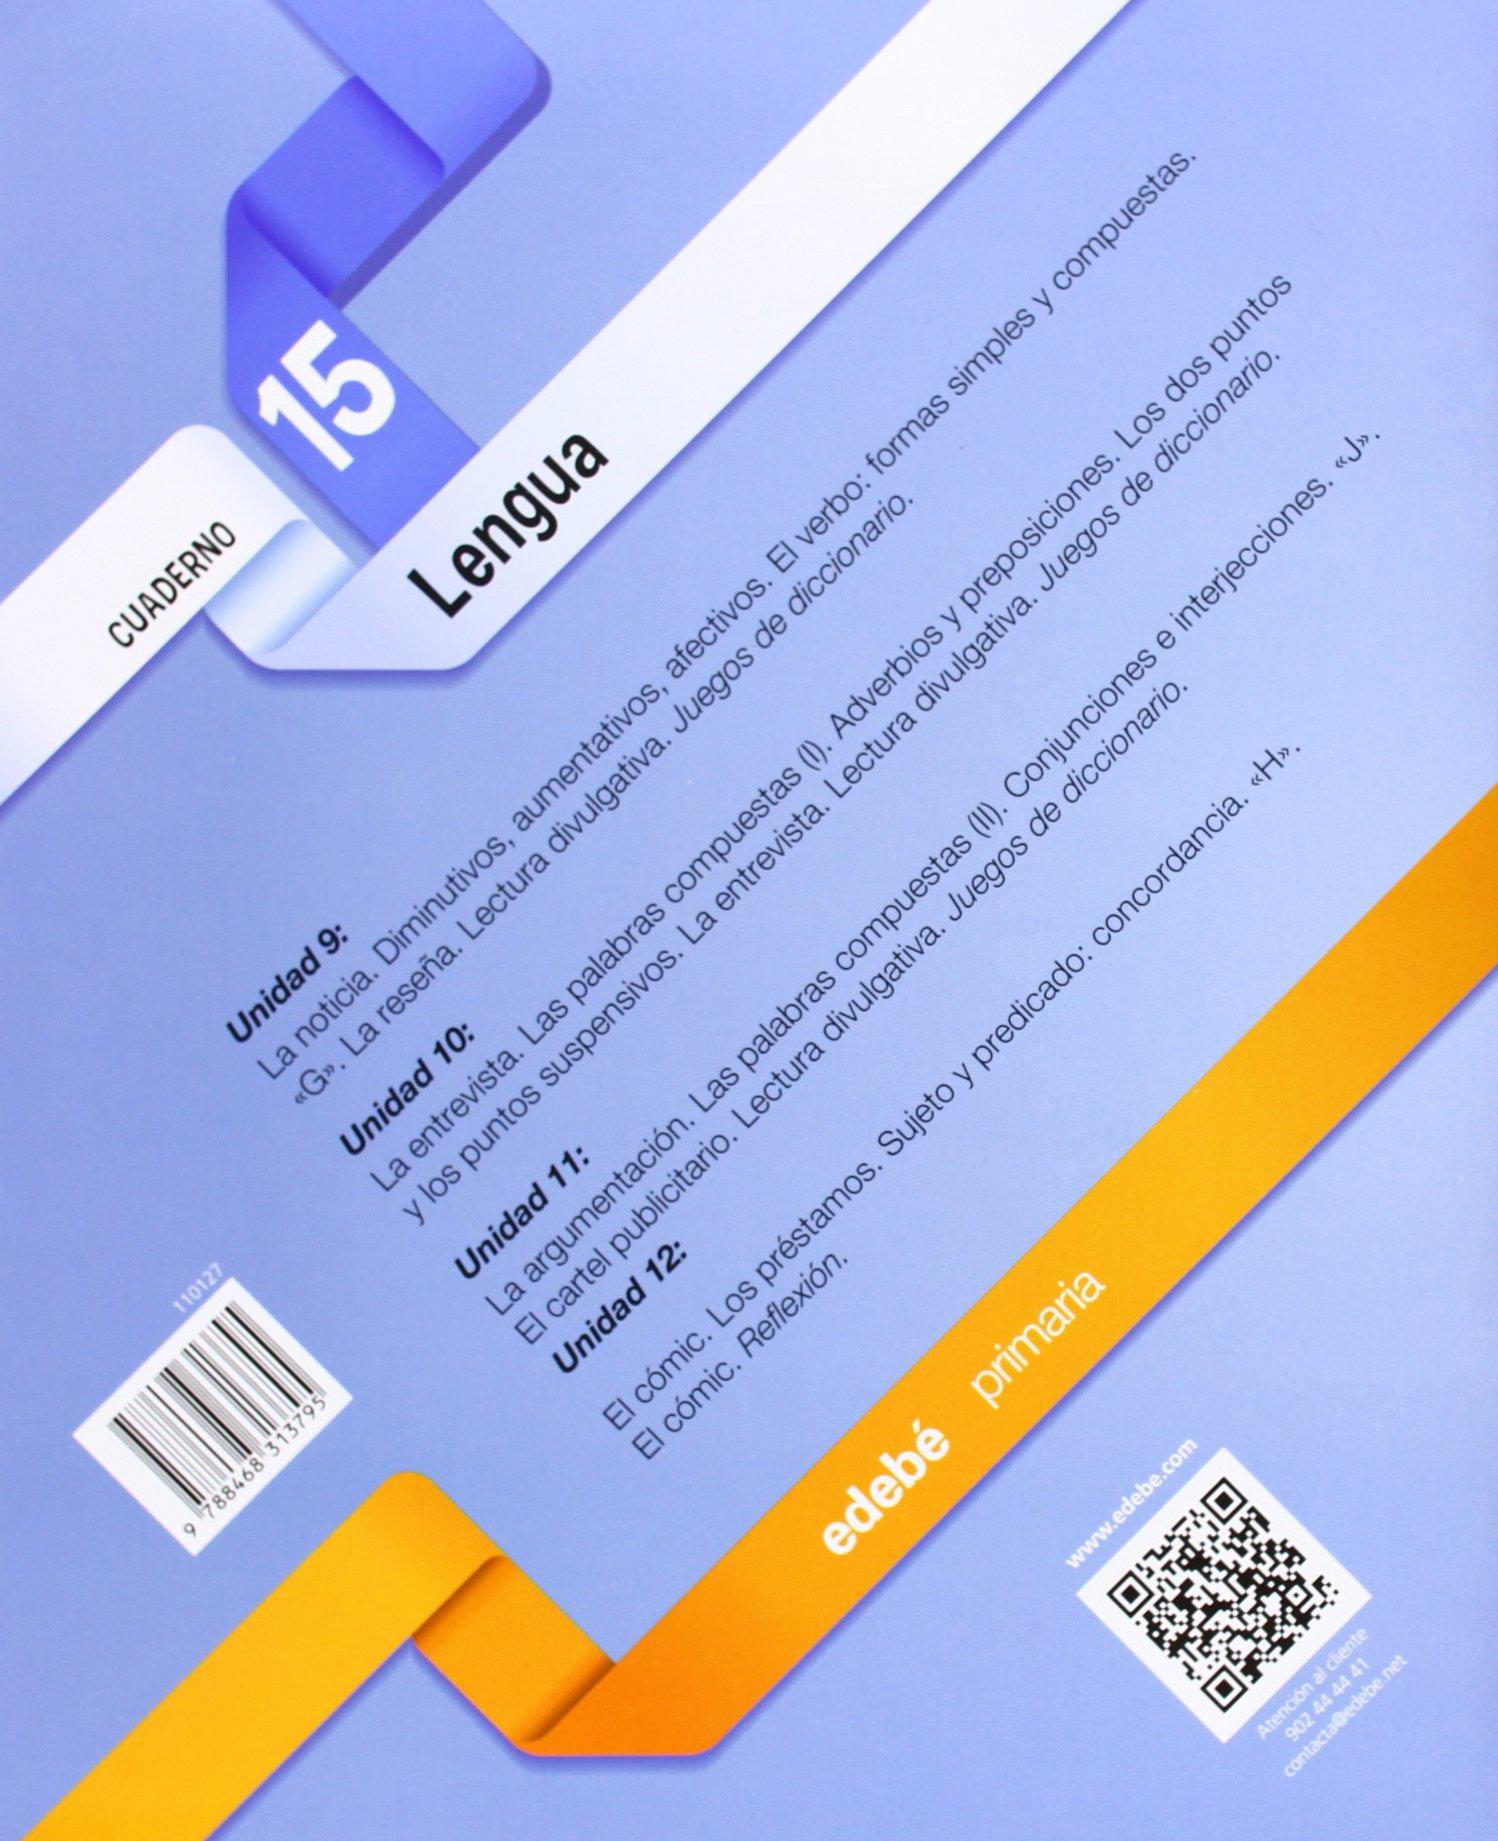 CUADERNO LENGUA 15 - 9788468313795: Amazon.es: Obra Colectiva Edebé: Libros